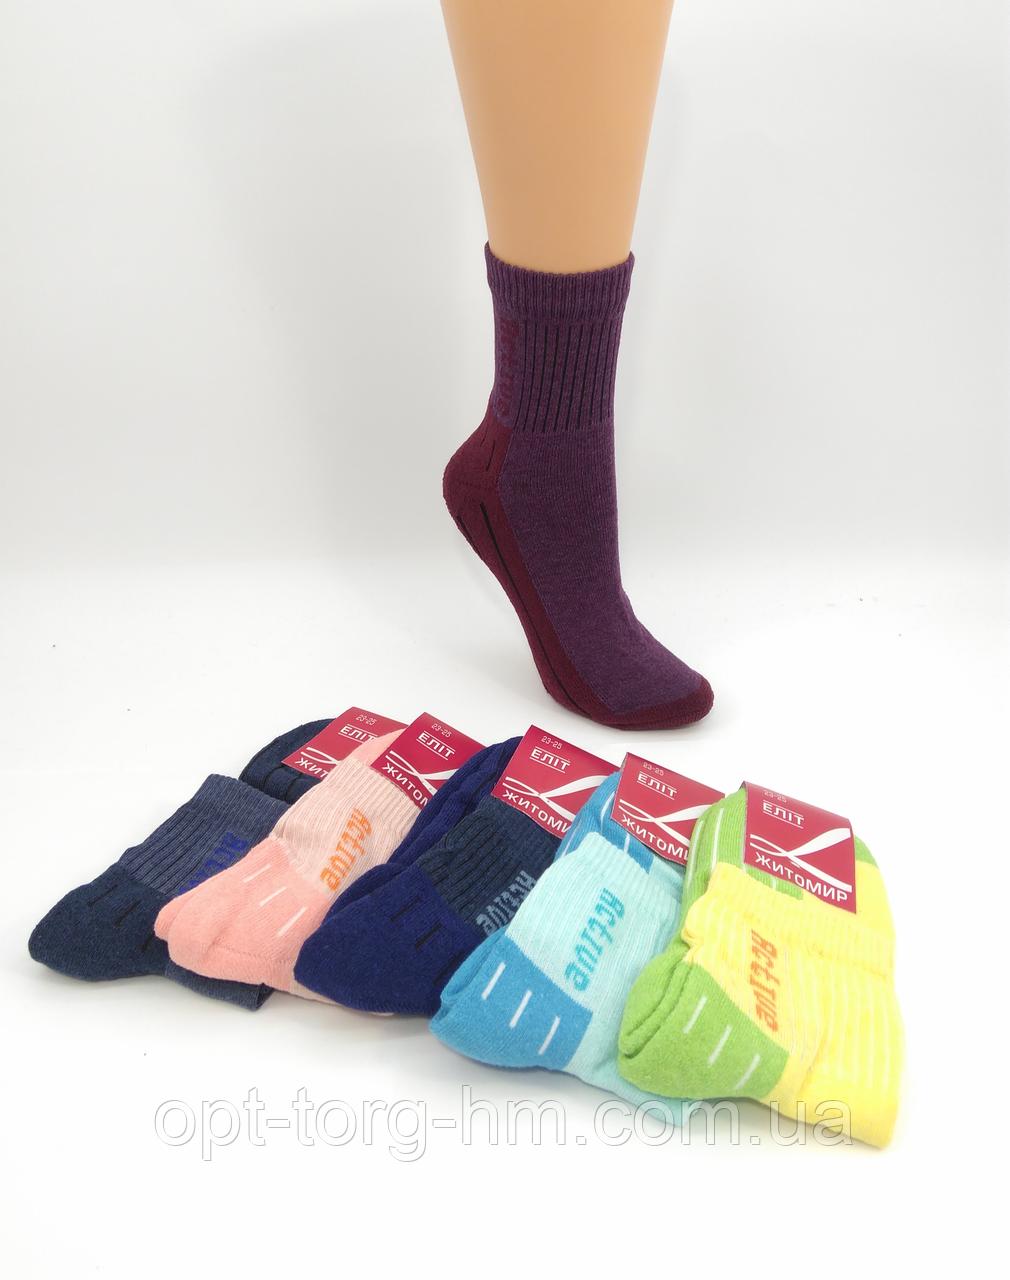 Стопа махровая.  Полумахровые женские носки Фитнес/Актив (37-40 ОБУВЬ)